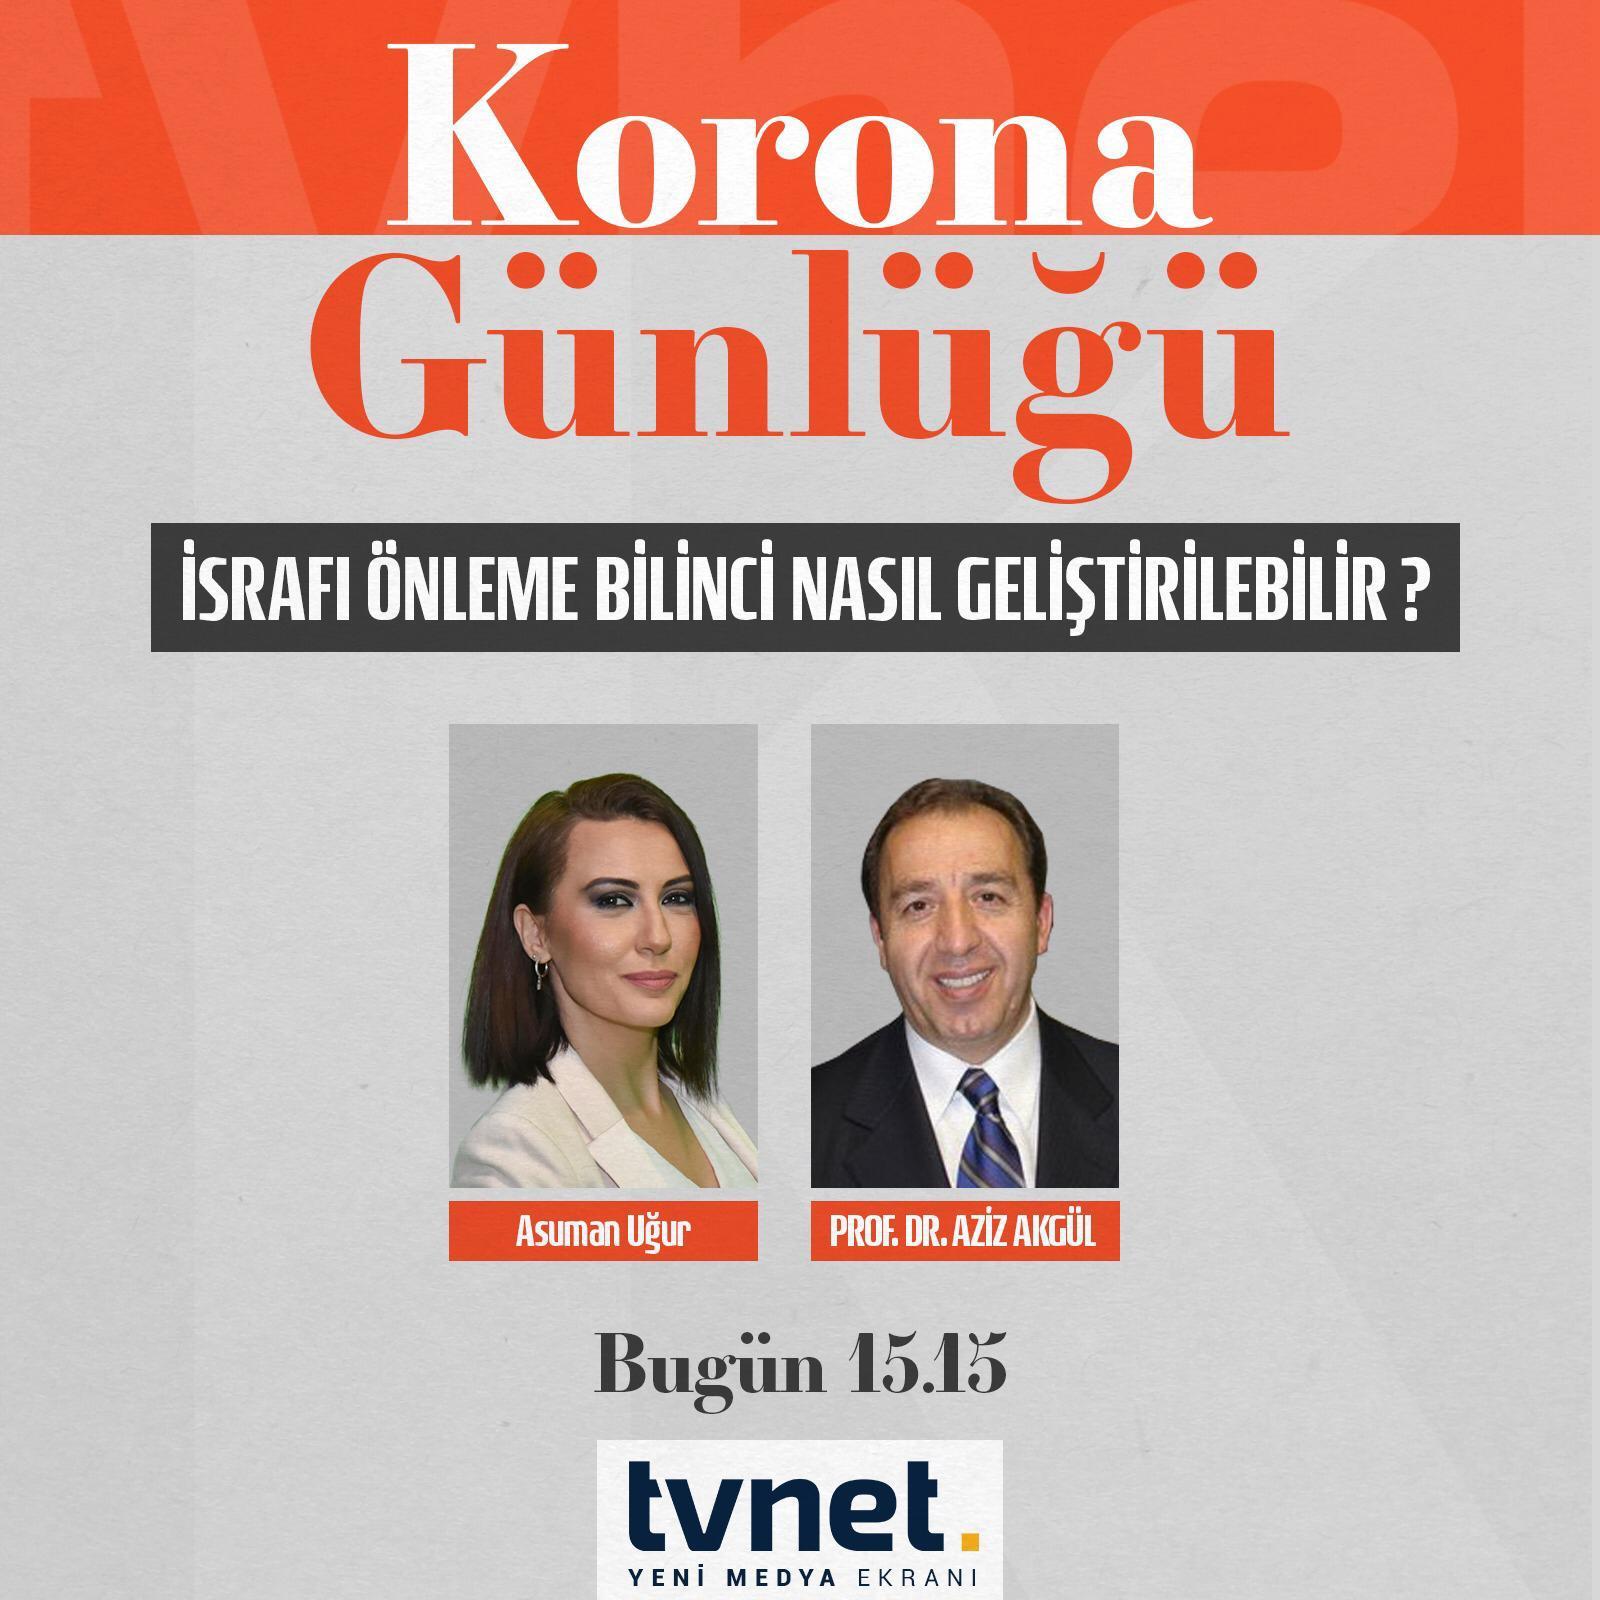 TVNET Korona Günlüğü - İsrafı Önleme Bilinci Nasıl Geliştirilir?